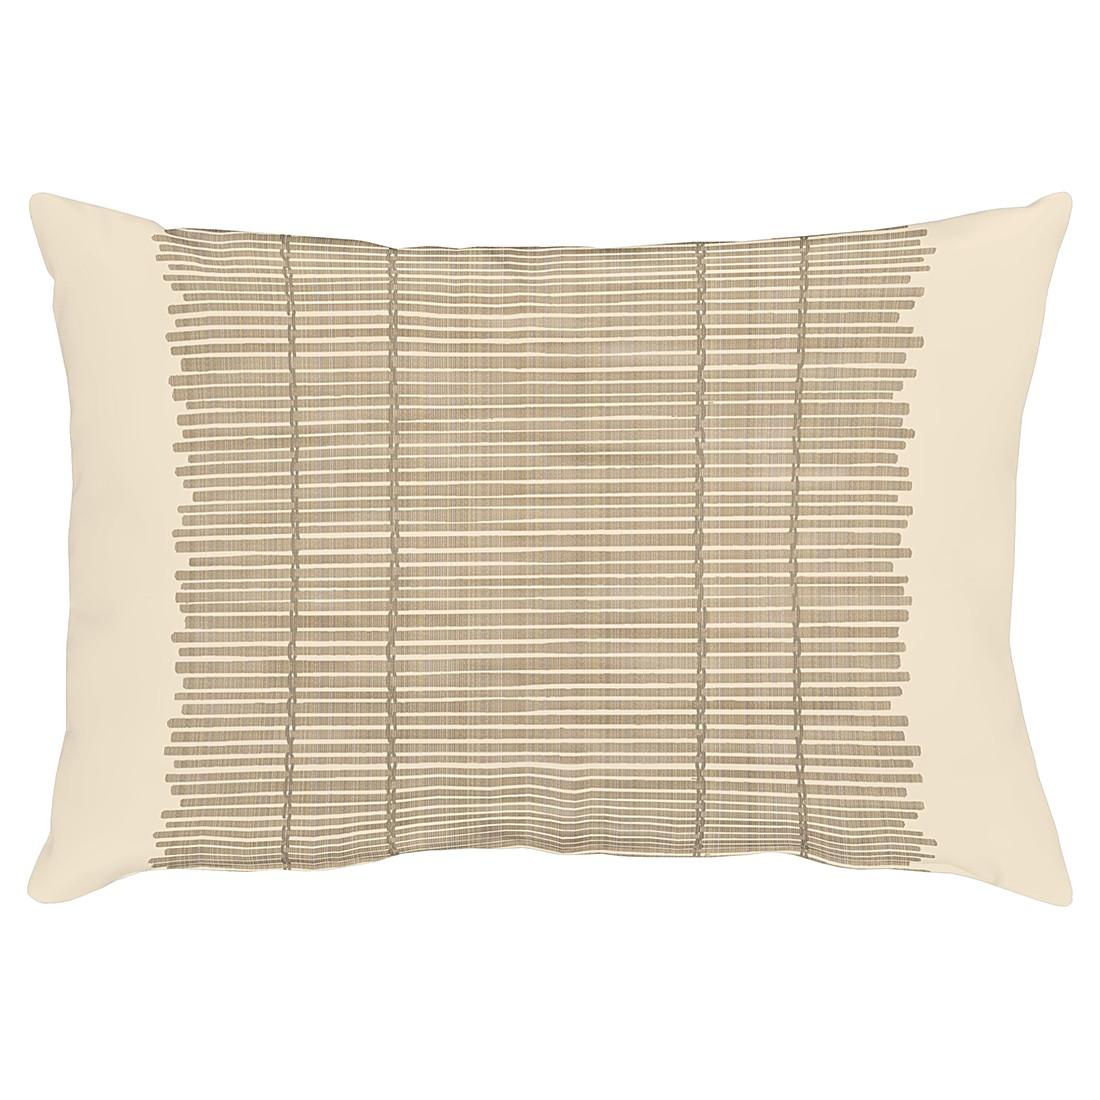 Kissen Loft I – Beige – 35 x 50 cm, Apelt jetzt kaufen